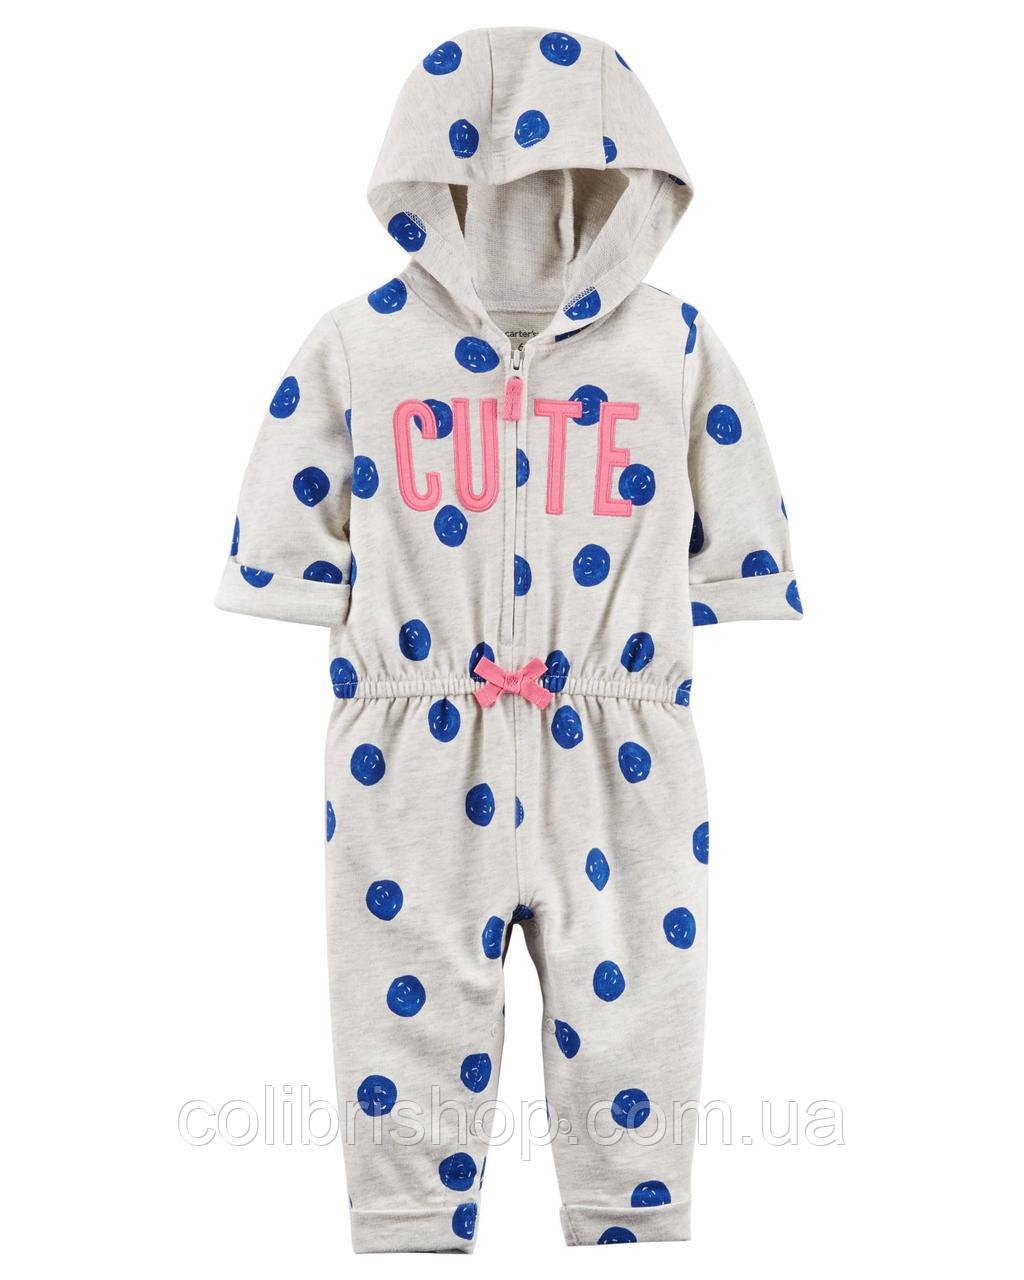 Комбинезон с капюшоном для девочек (18 мес) Carters  Cute Hooded Jumpsuit